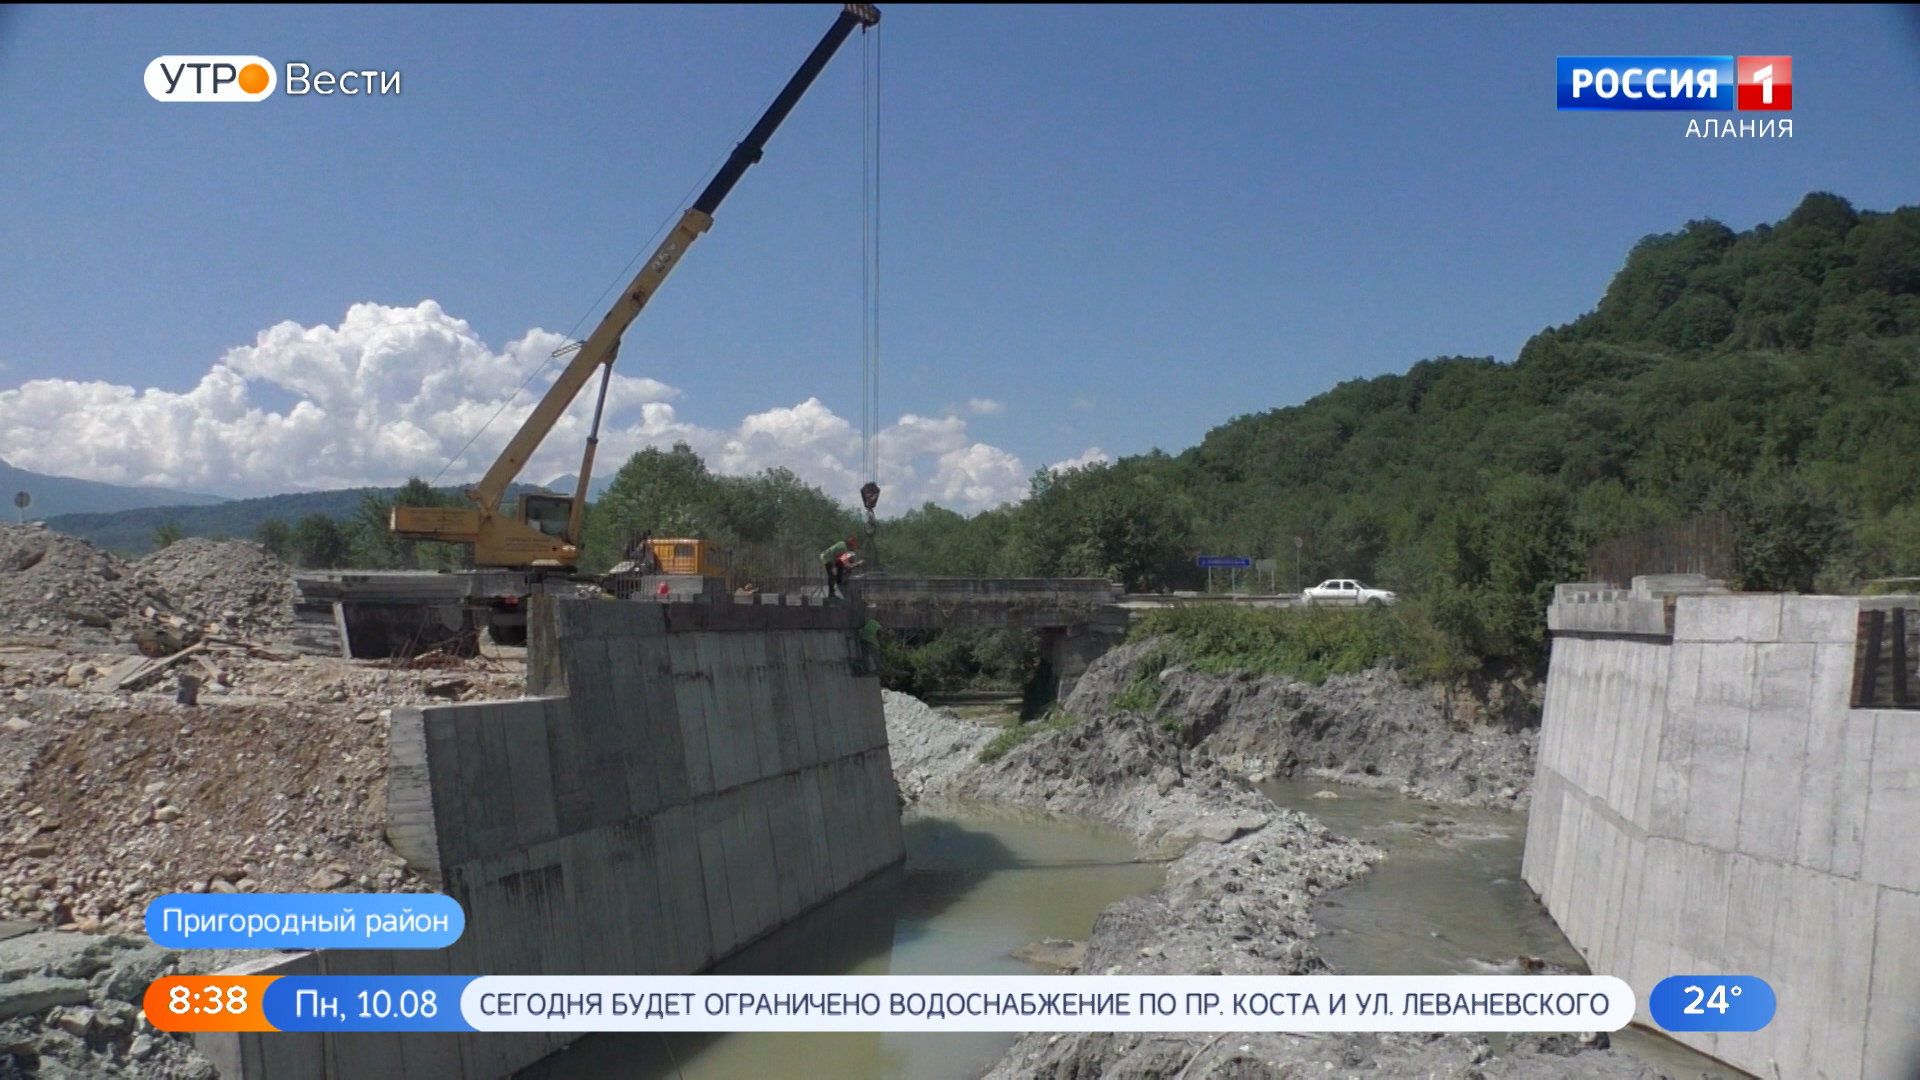 В Северной Осетии продолжается реконструкция мостов в рамках федерального проекта